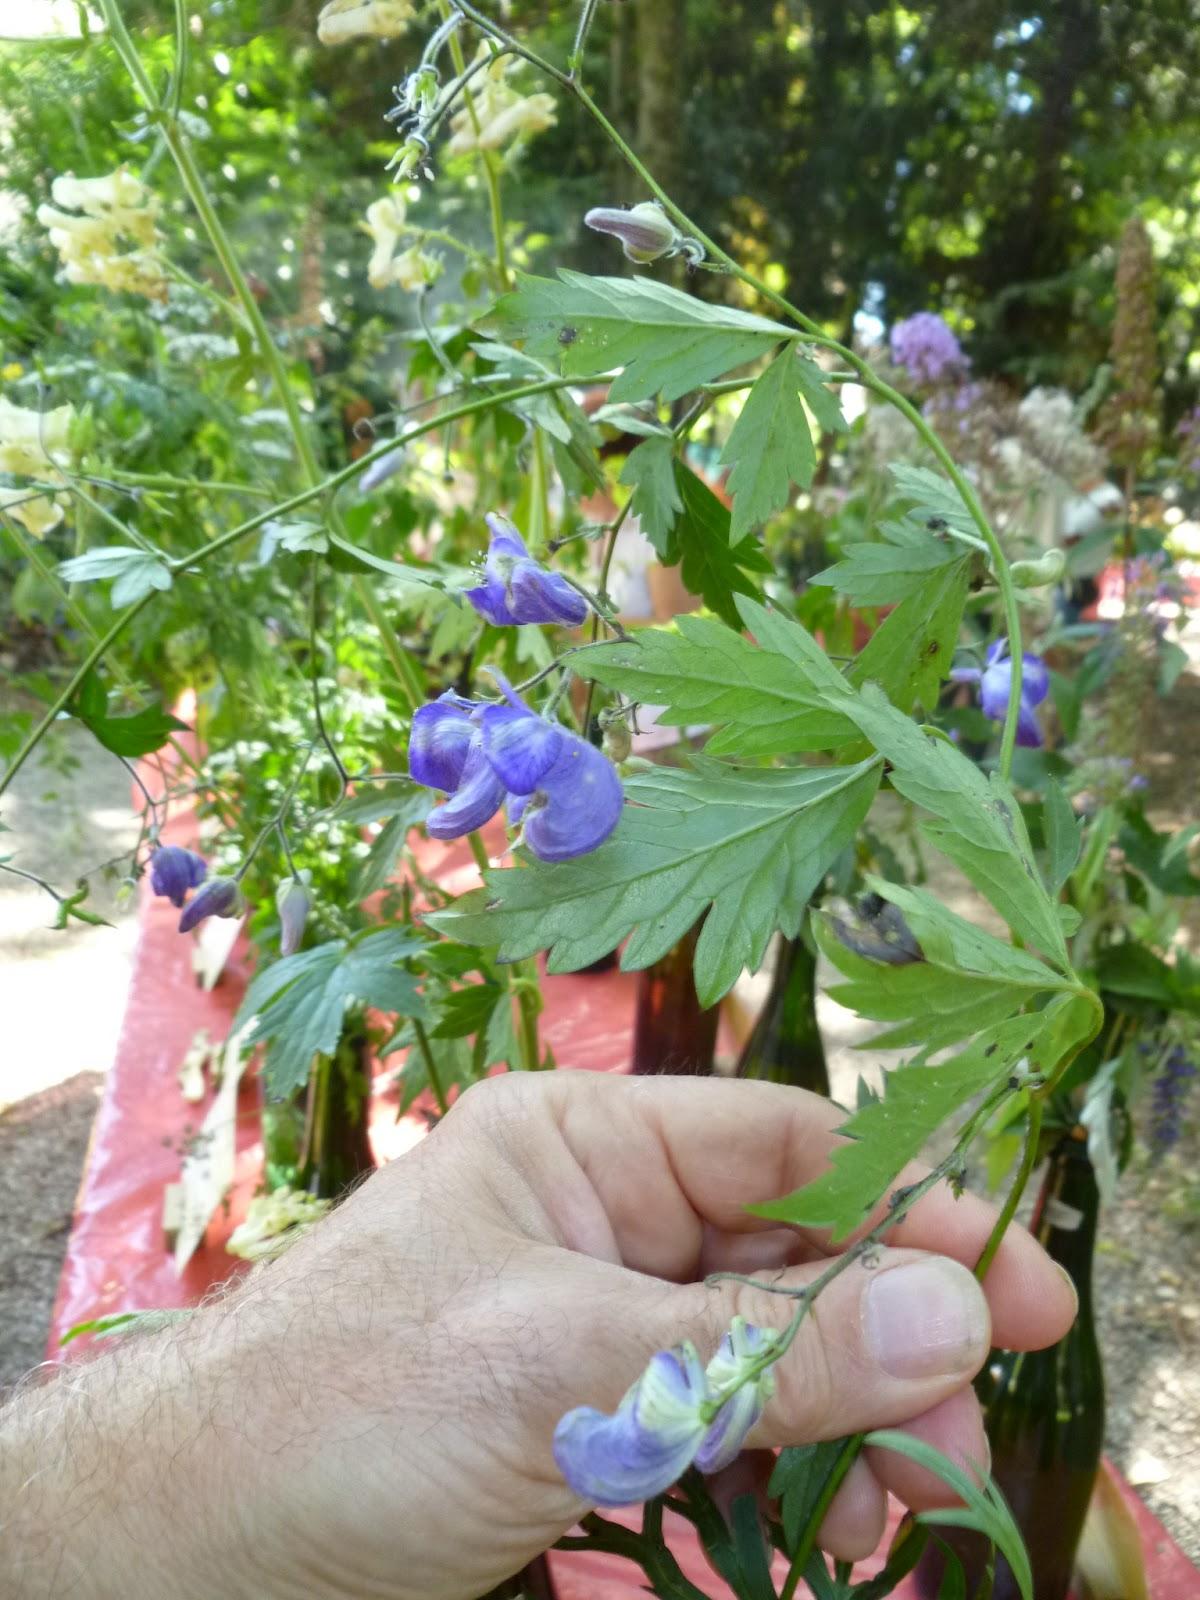 vaso 14cm-Piante Aromatiche Pianta di Ruta erbe aromatiche Ruta